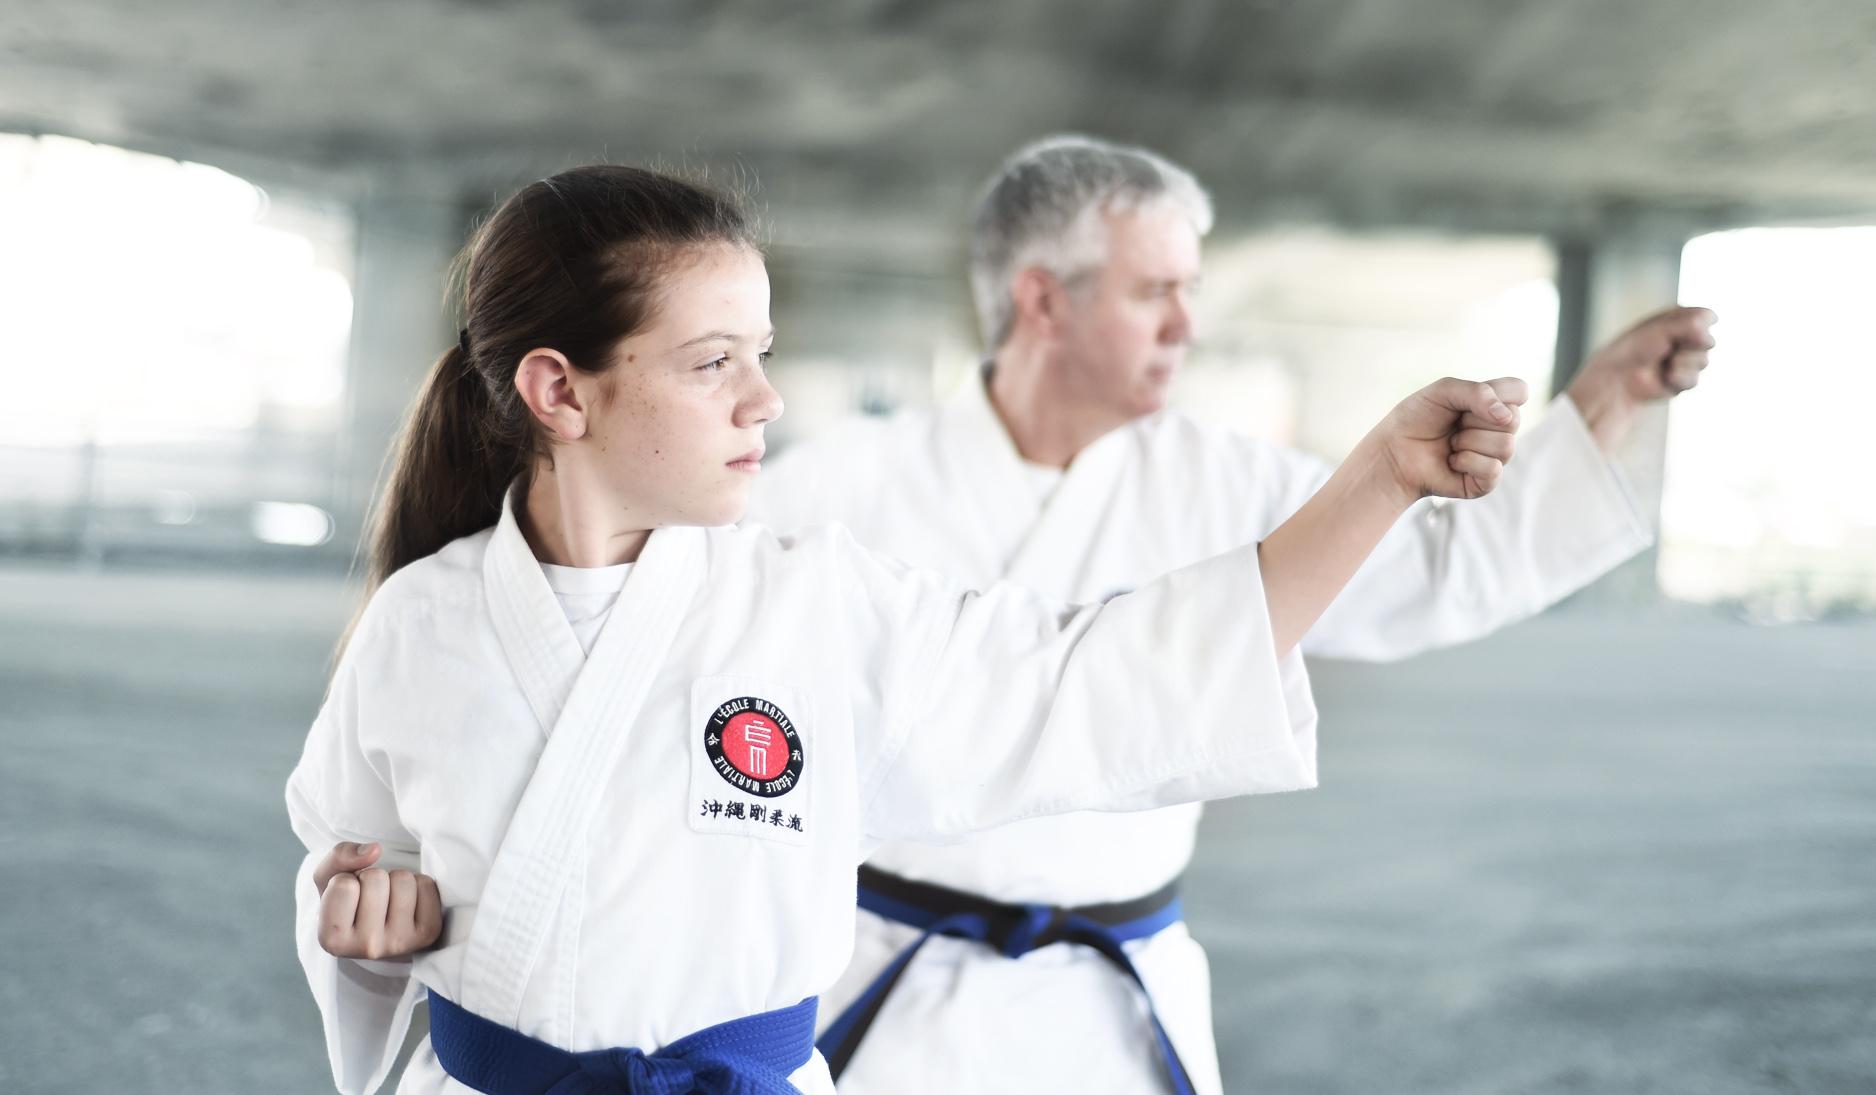 Les cours de L'École martiale